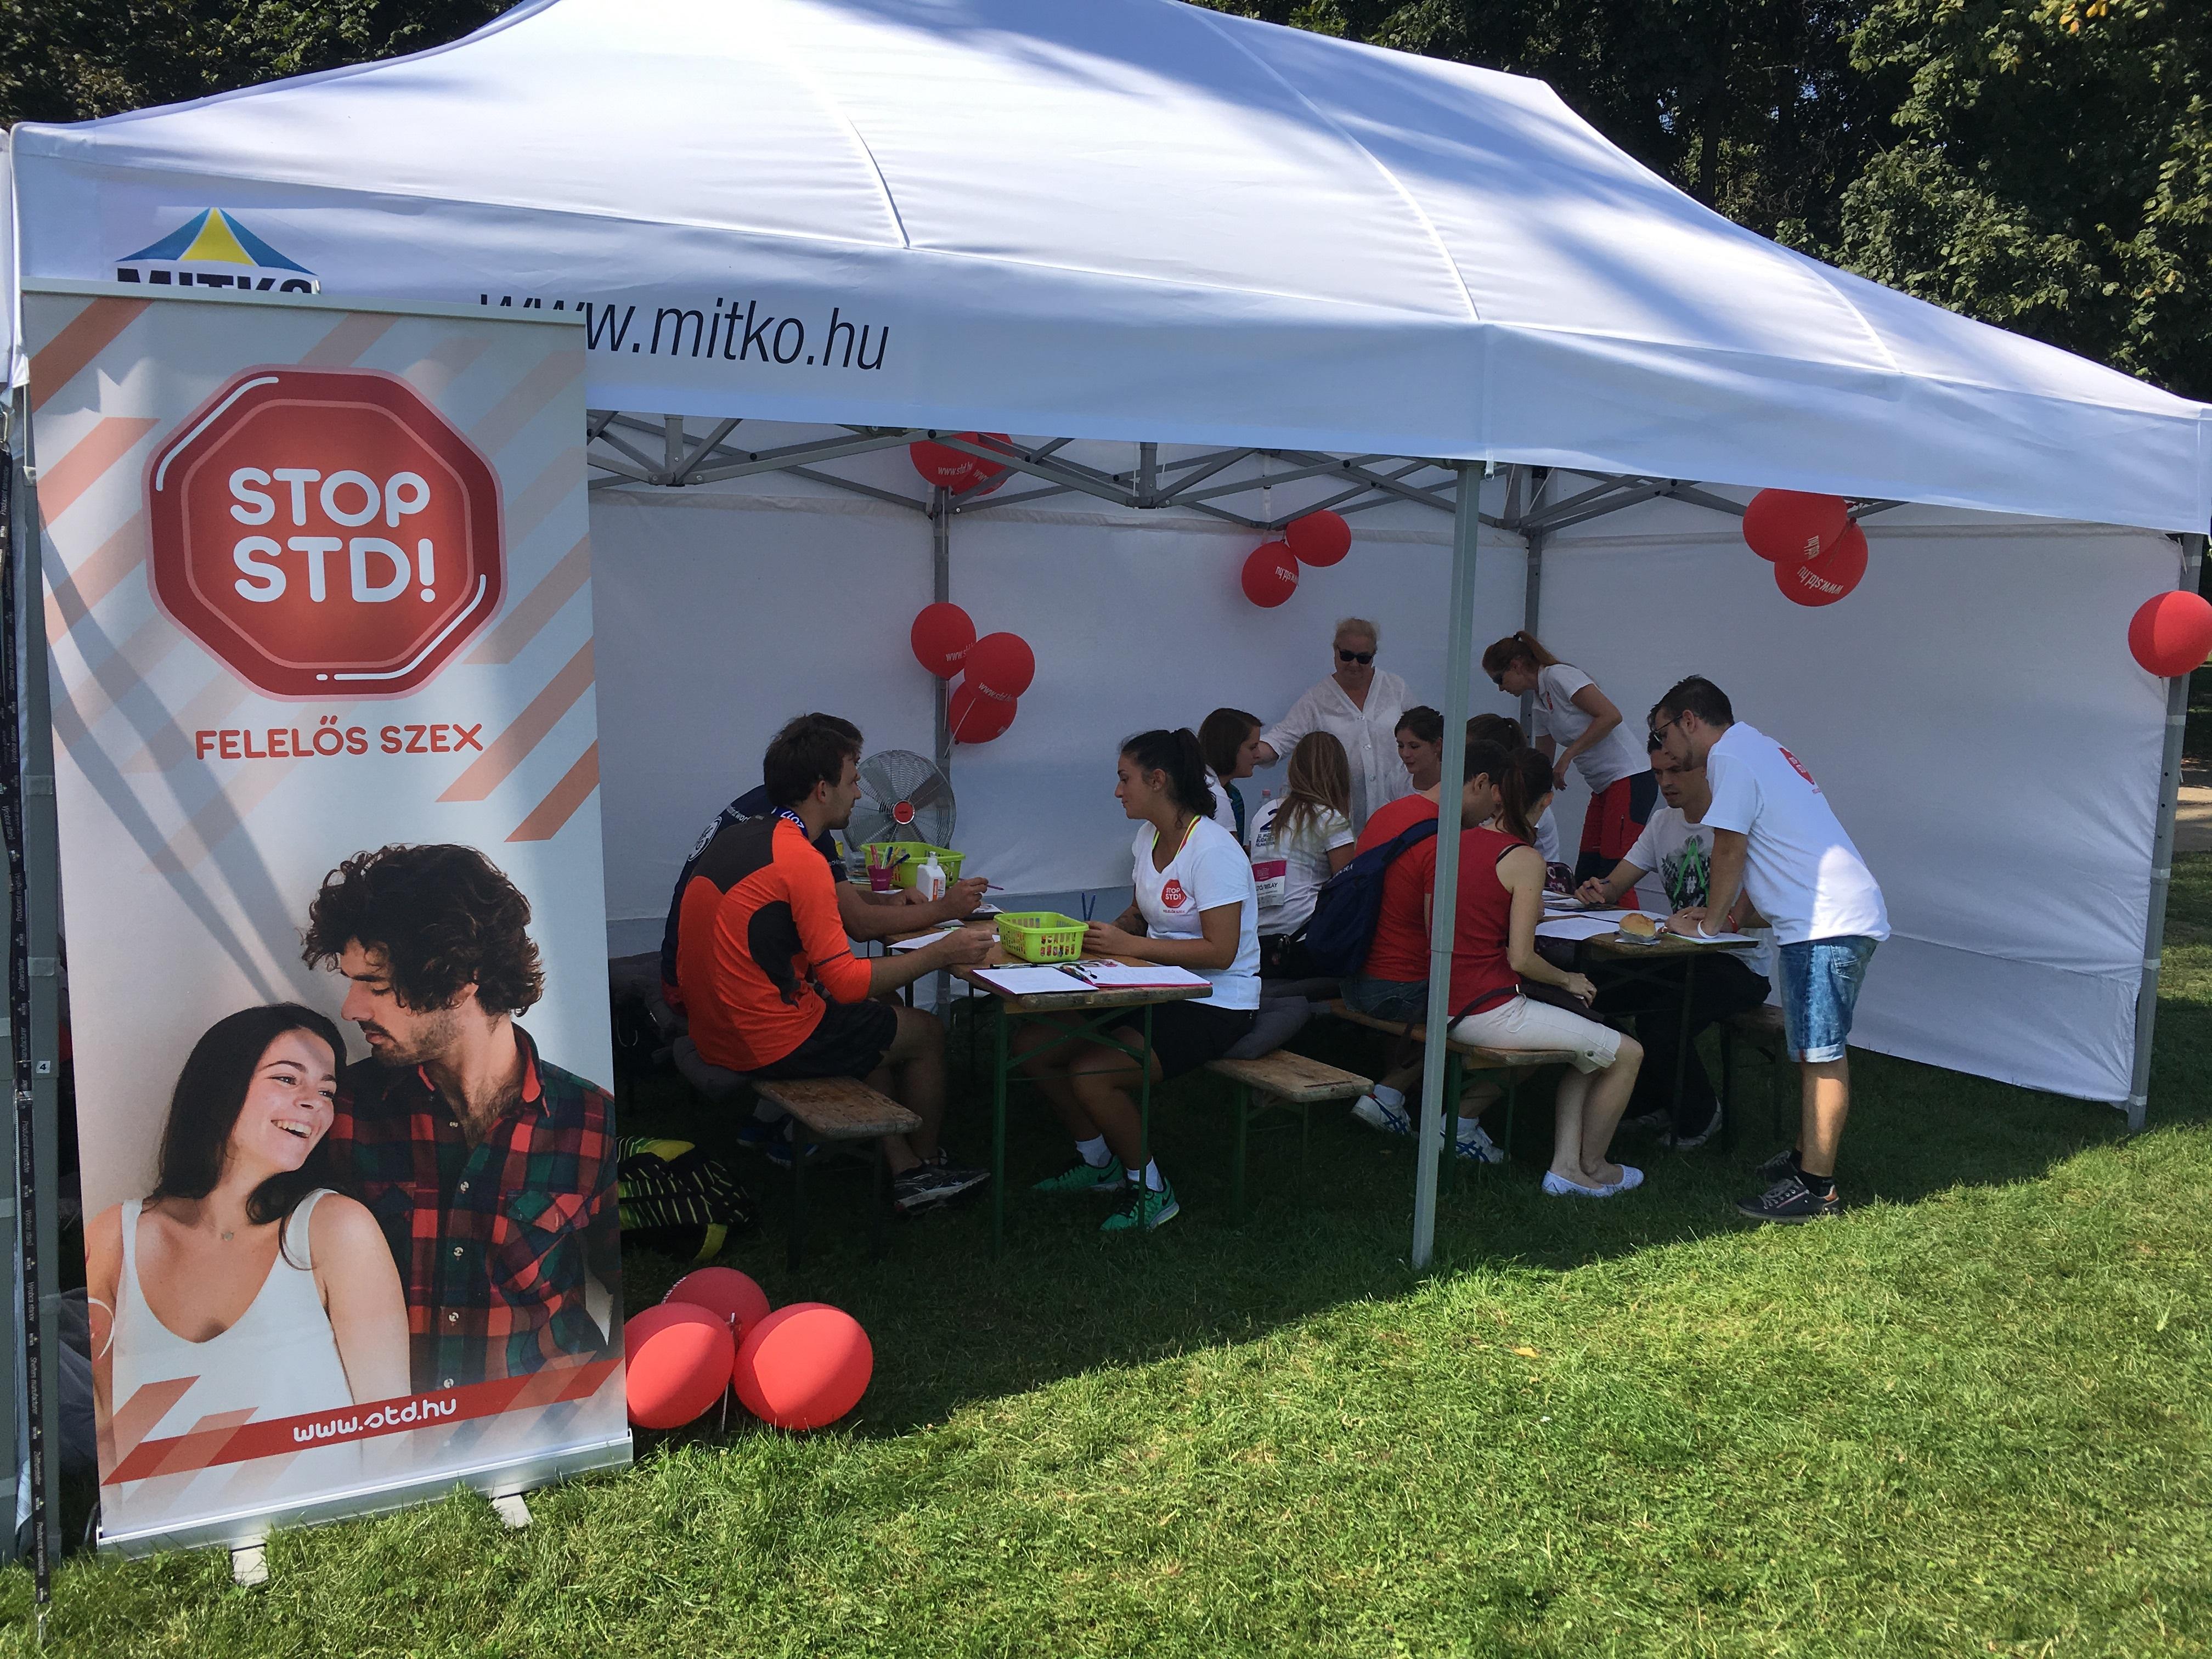 Javulhat-e egy év alatt a magyarok STD ismerete?